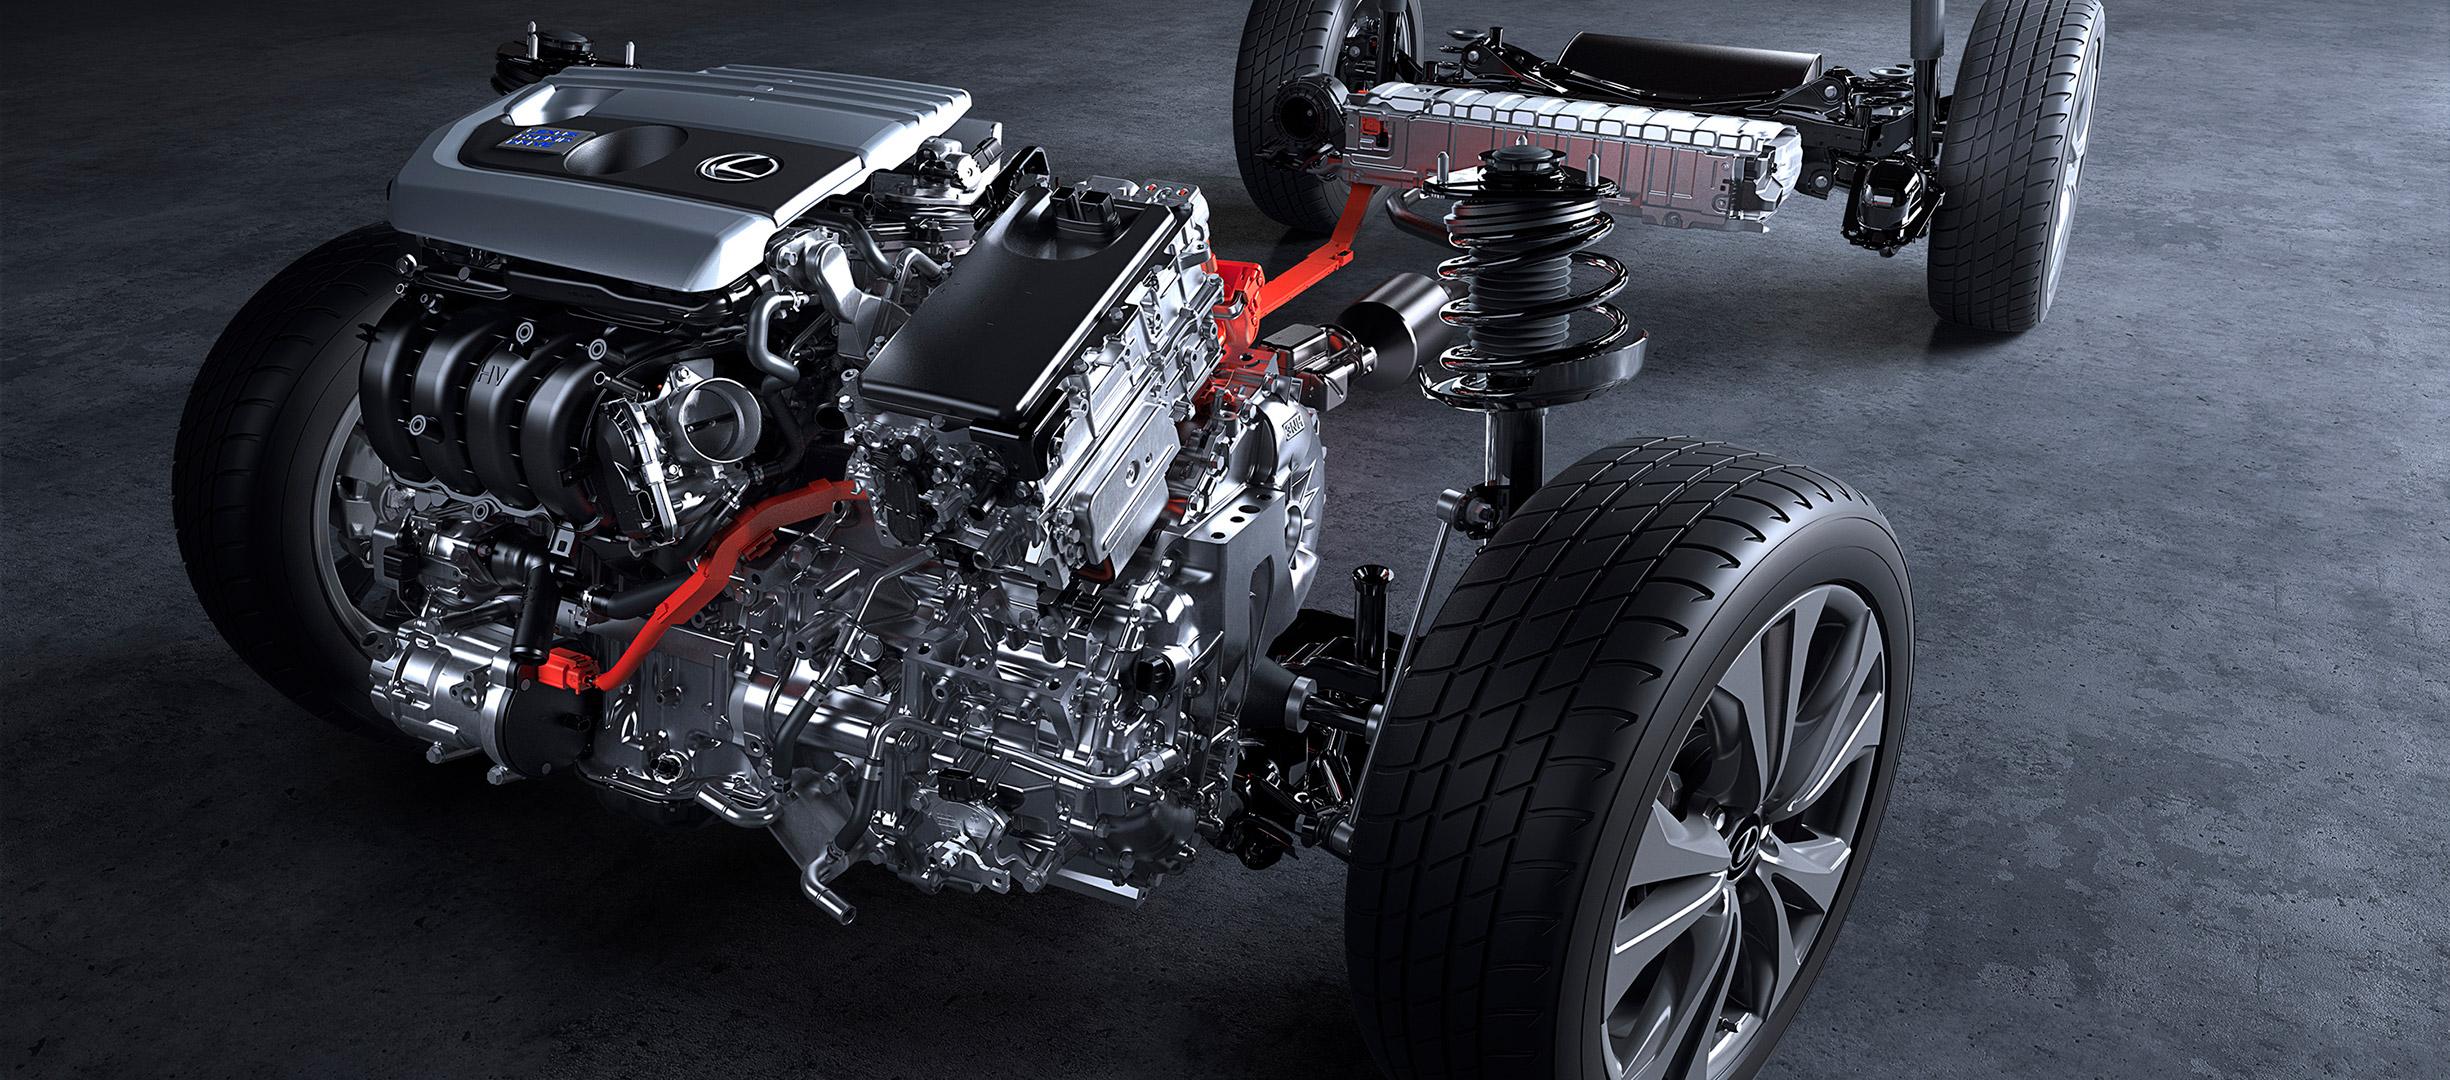 Lexus UX 250h, sistema híbrido autorrecargable de última generación